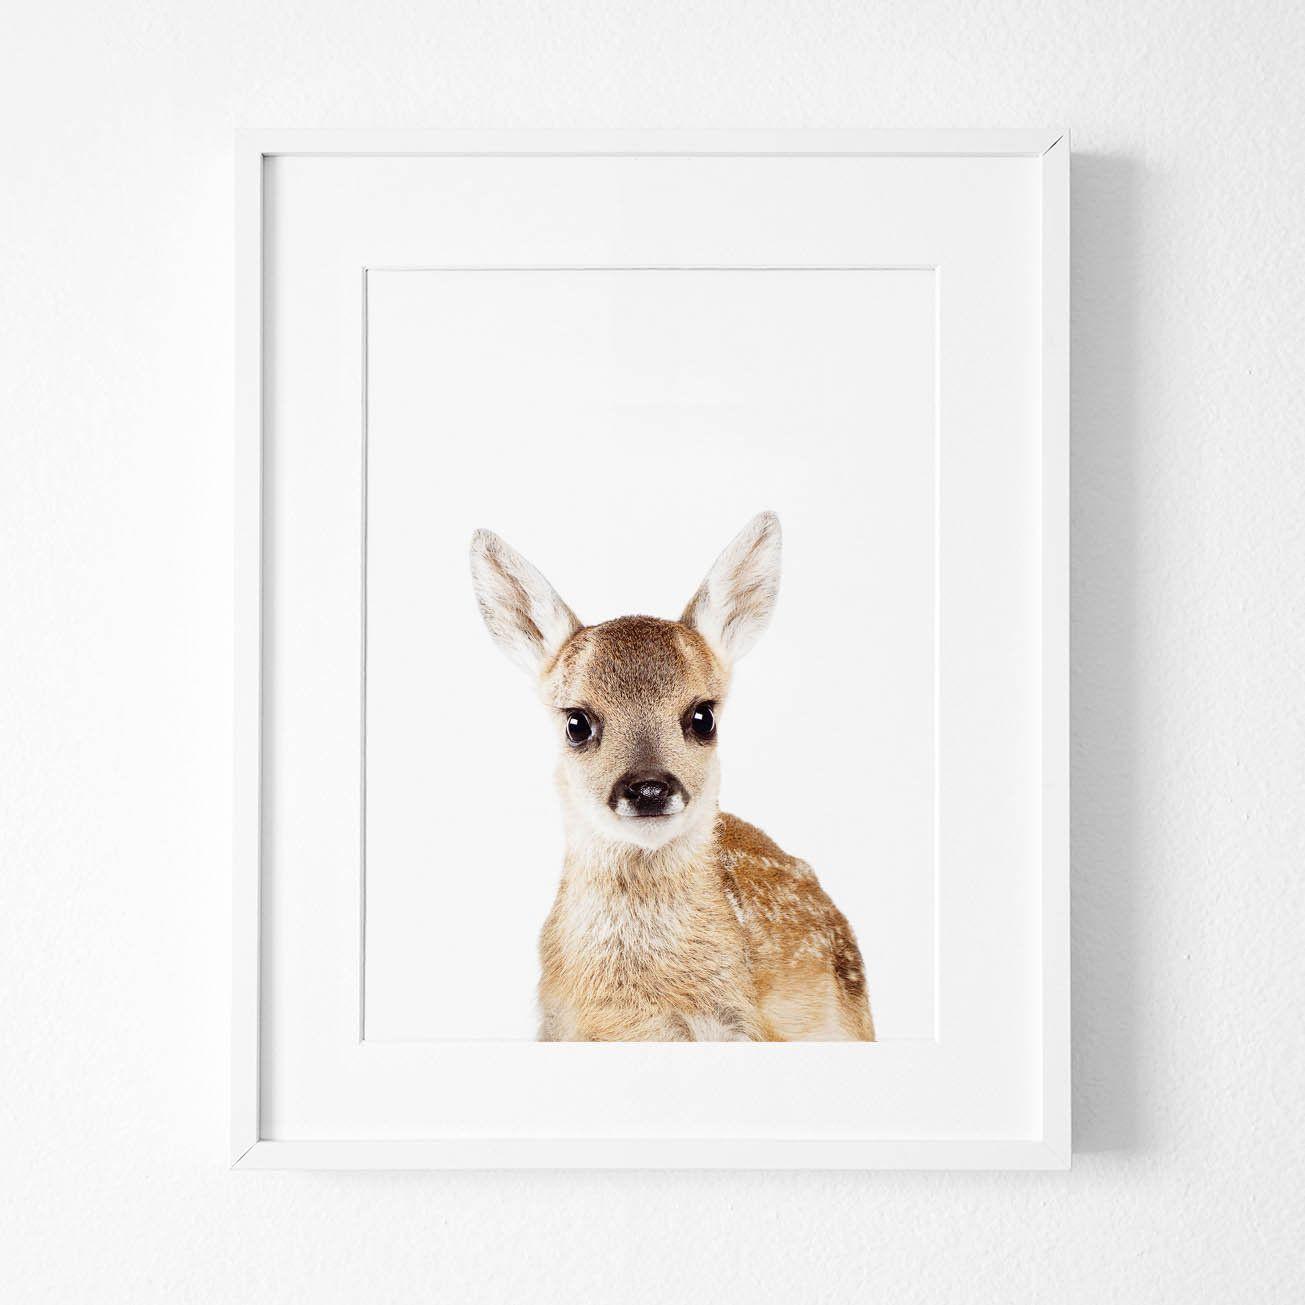 Deer Print, Baby Deer, Woodland Nursery Print,Flower Crown